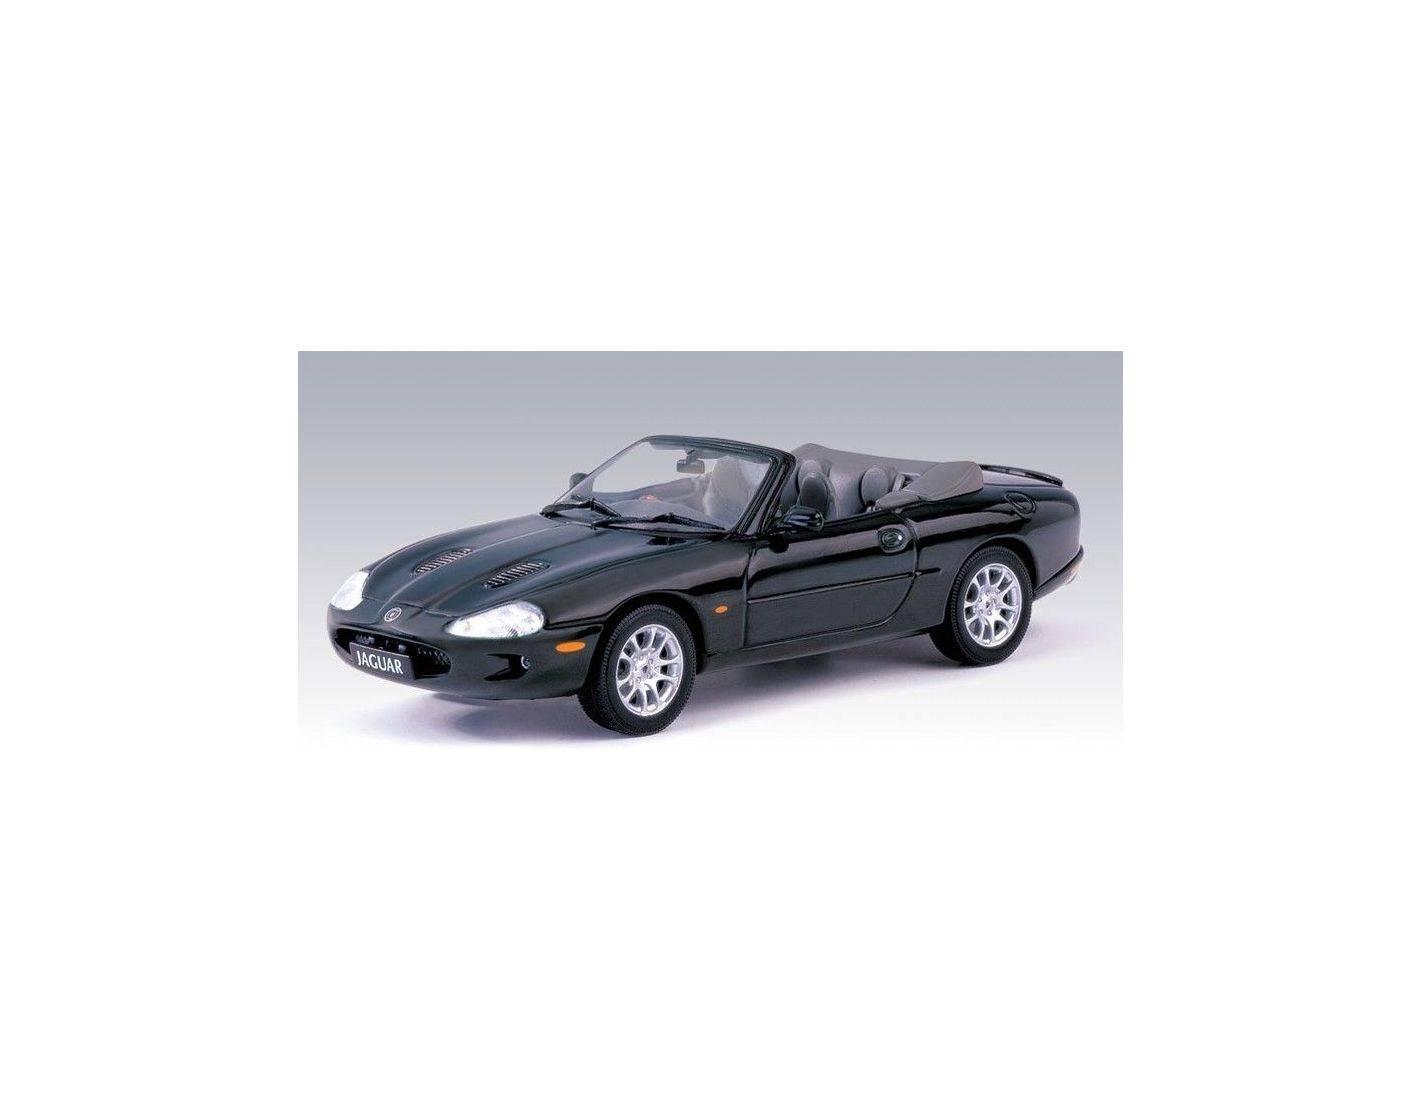 Auto Art / Gateway 53701 JAGUAR XKR CABRIO GREEN 1/43 Modellino